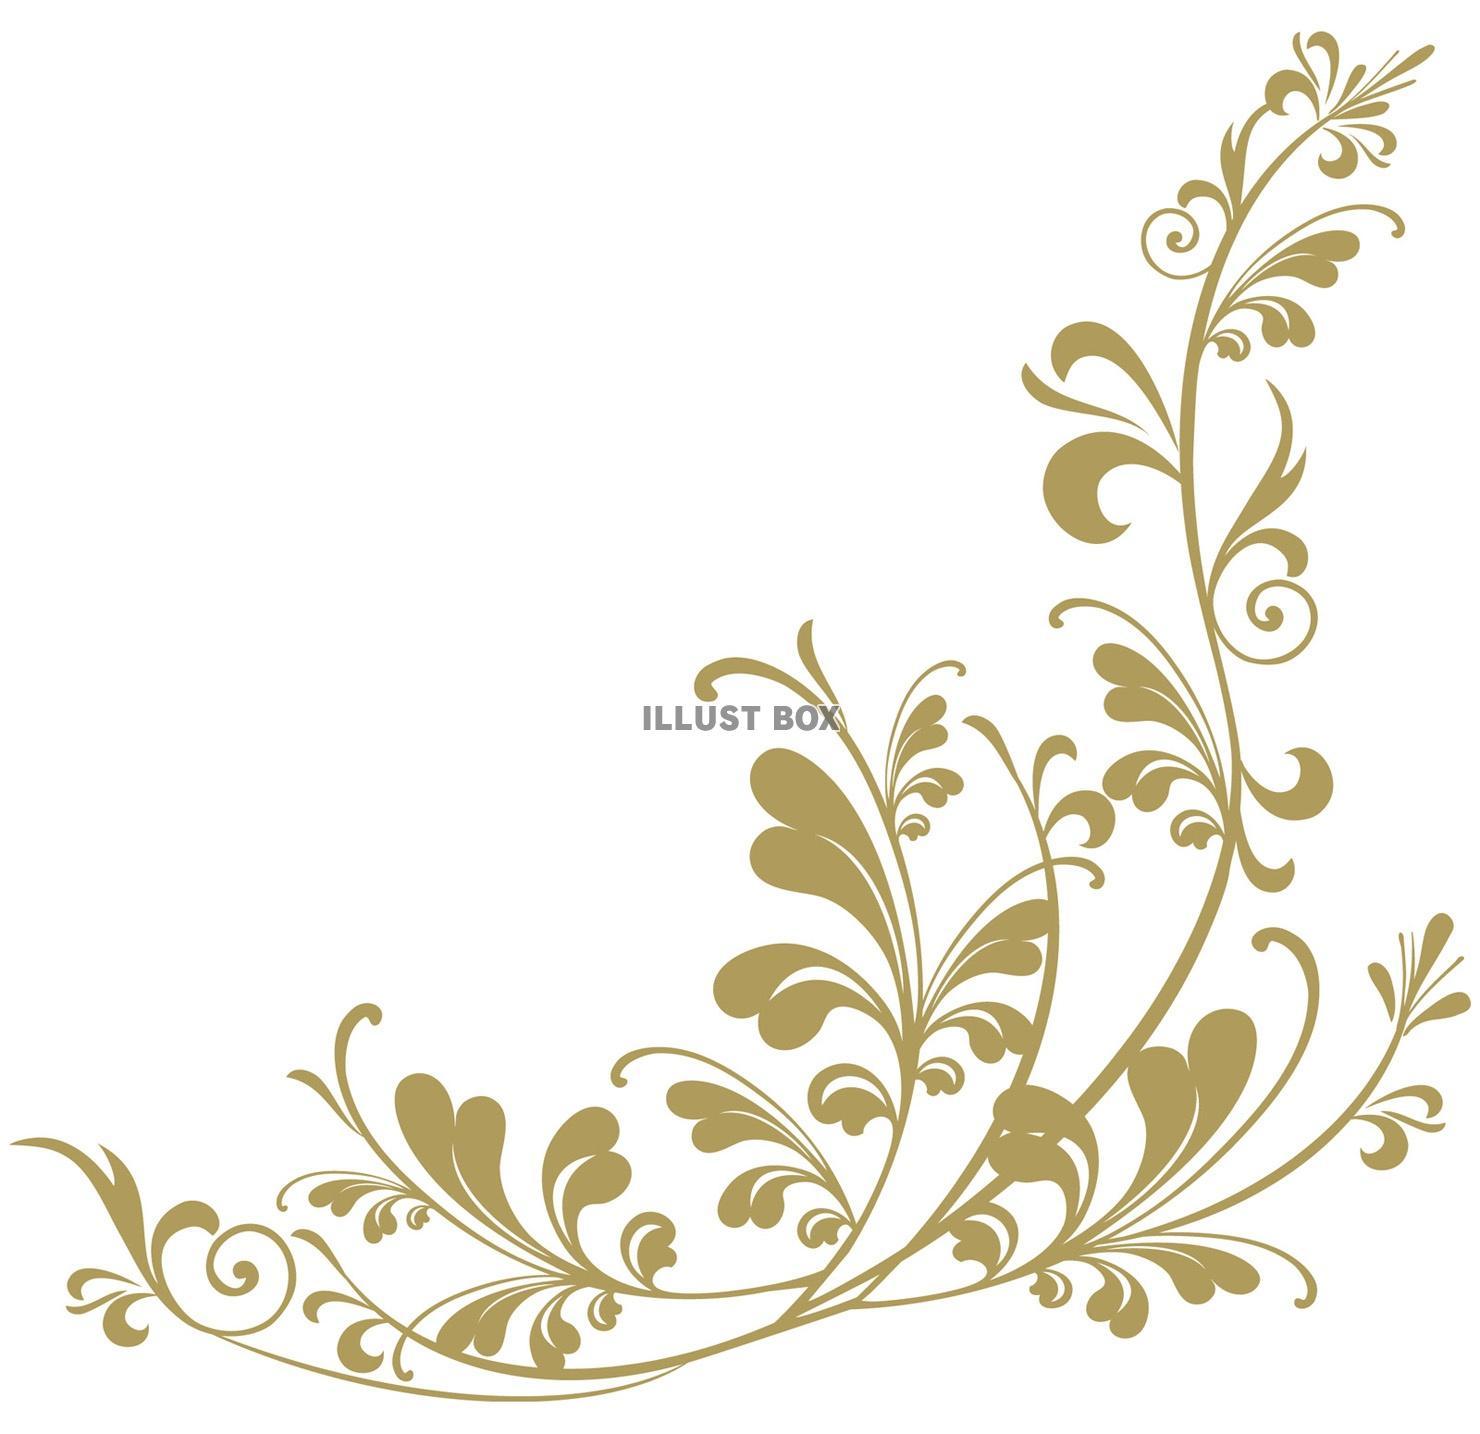 無料イラスト クラシックフレーム枠ヨーロピアン飾り枠装飾枠飾り